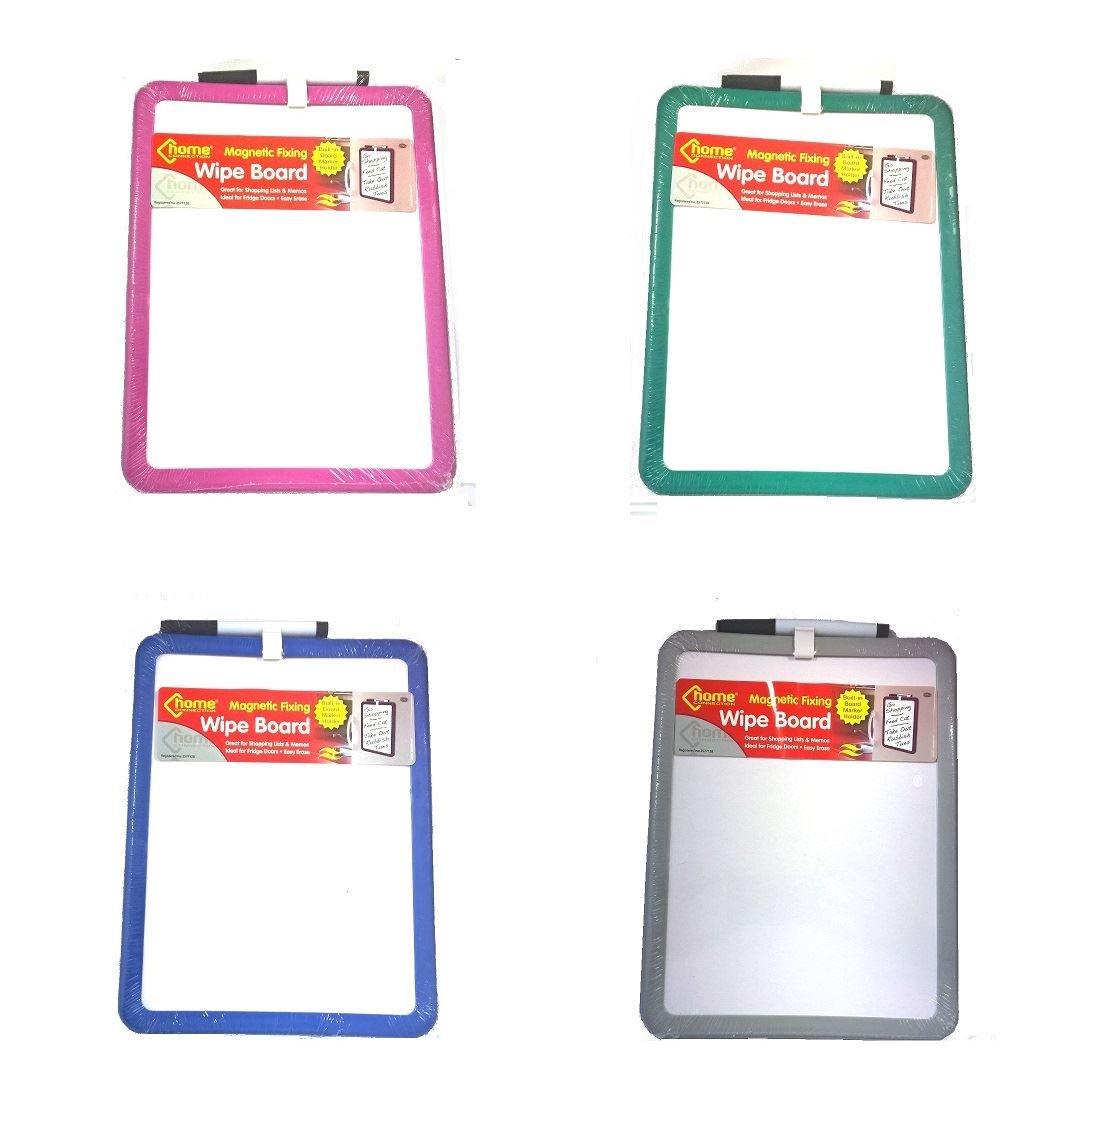 Lavagna cancellabile magnetica con penna, ideale per elenchi & appunti, 4 colori, colore: rosa/blu/verde/grigio Home Connection